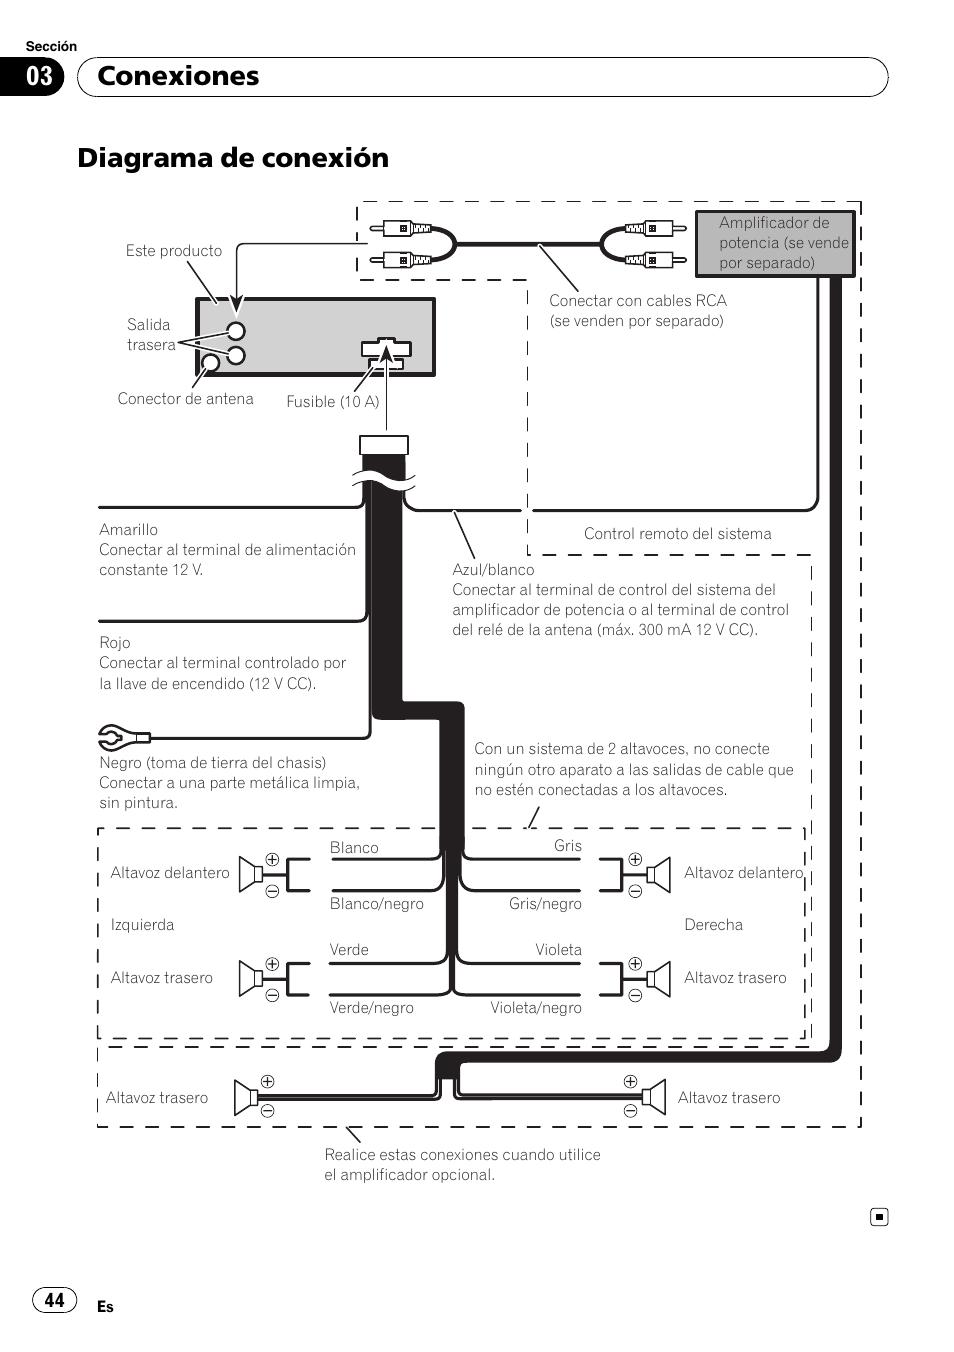 diagrama de conexi n conexiones pioneer deh 1200mp user manual rh manualsdir com pioneer deh-1200mp service manual pioneer deh 1200mp installation manual